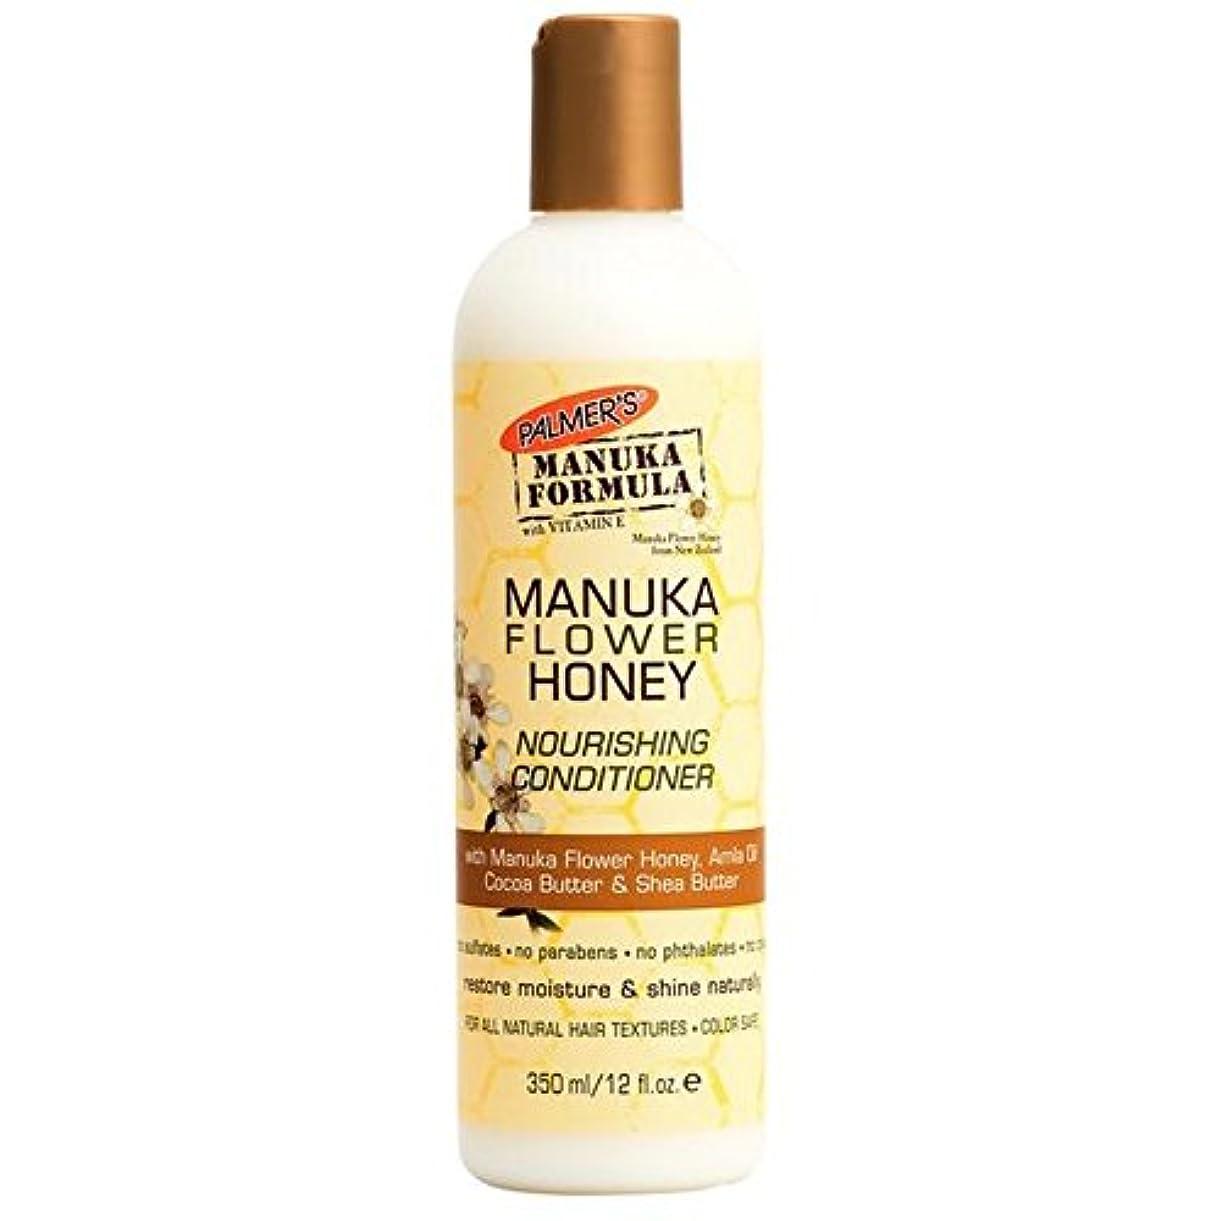 発音する複雑なビスケットPalmer's Manuka Formula Manuka Flower Honey Nourishing Conditioner 250ml - パーマーのマヌカ式マヌカハニー栄養コンディショナー250 [並行輸入品]